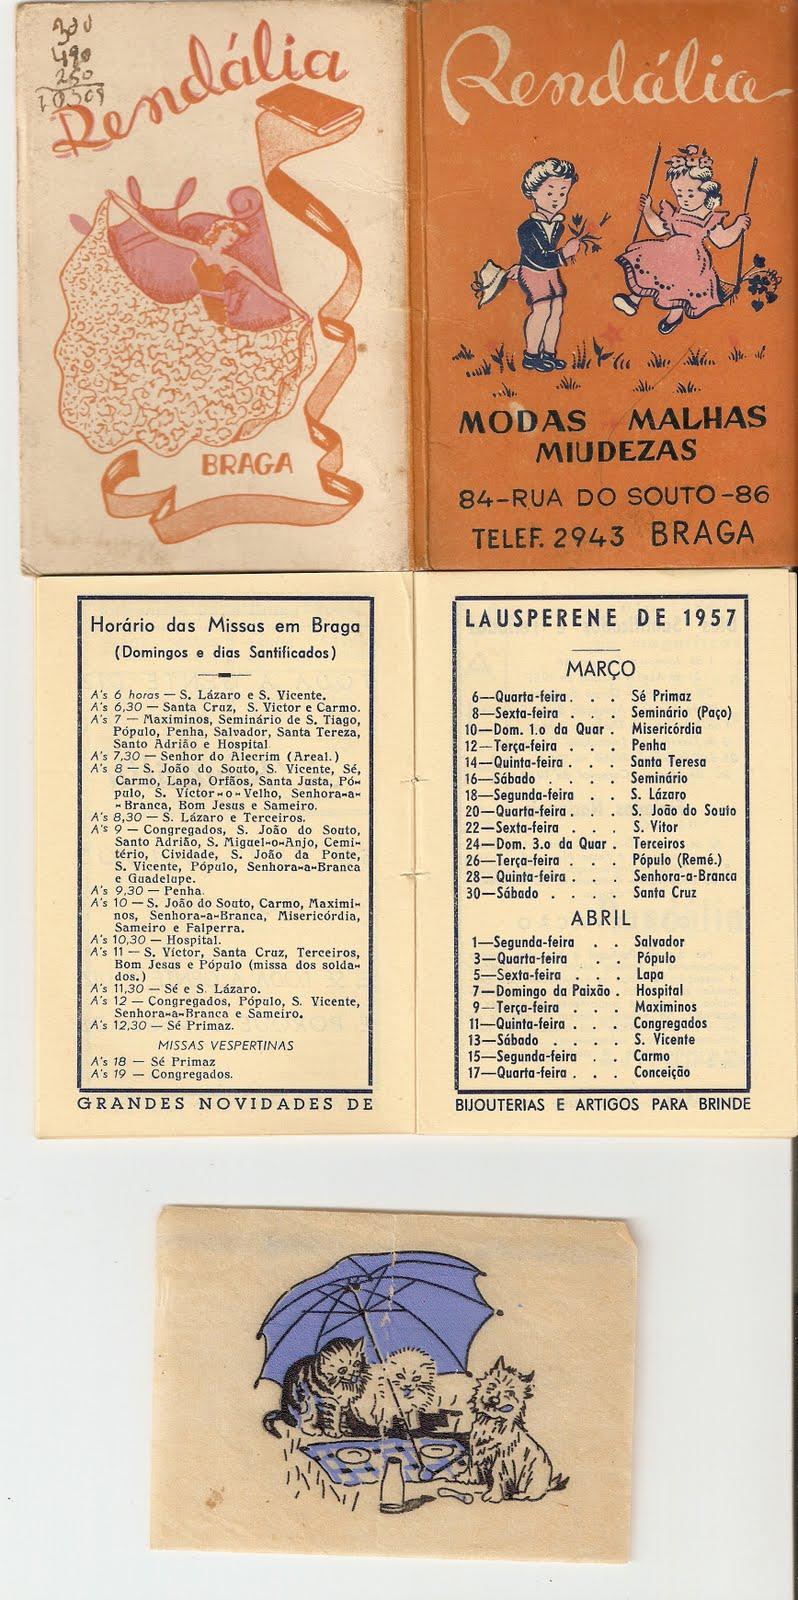 b73047614 No meio dos livros infantis encontrava-se este pequeno livrinho (105 x 70  mm), com calendários para os anos de 1957 e 1958. O voluminho é mais  propriamente ...